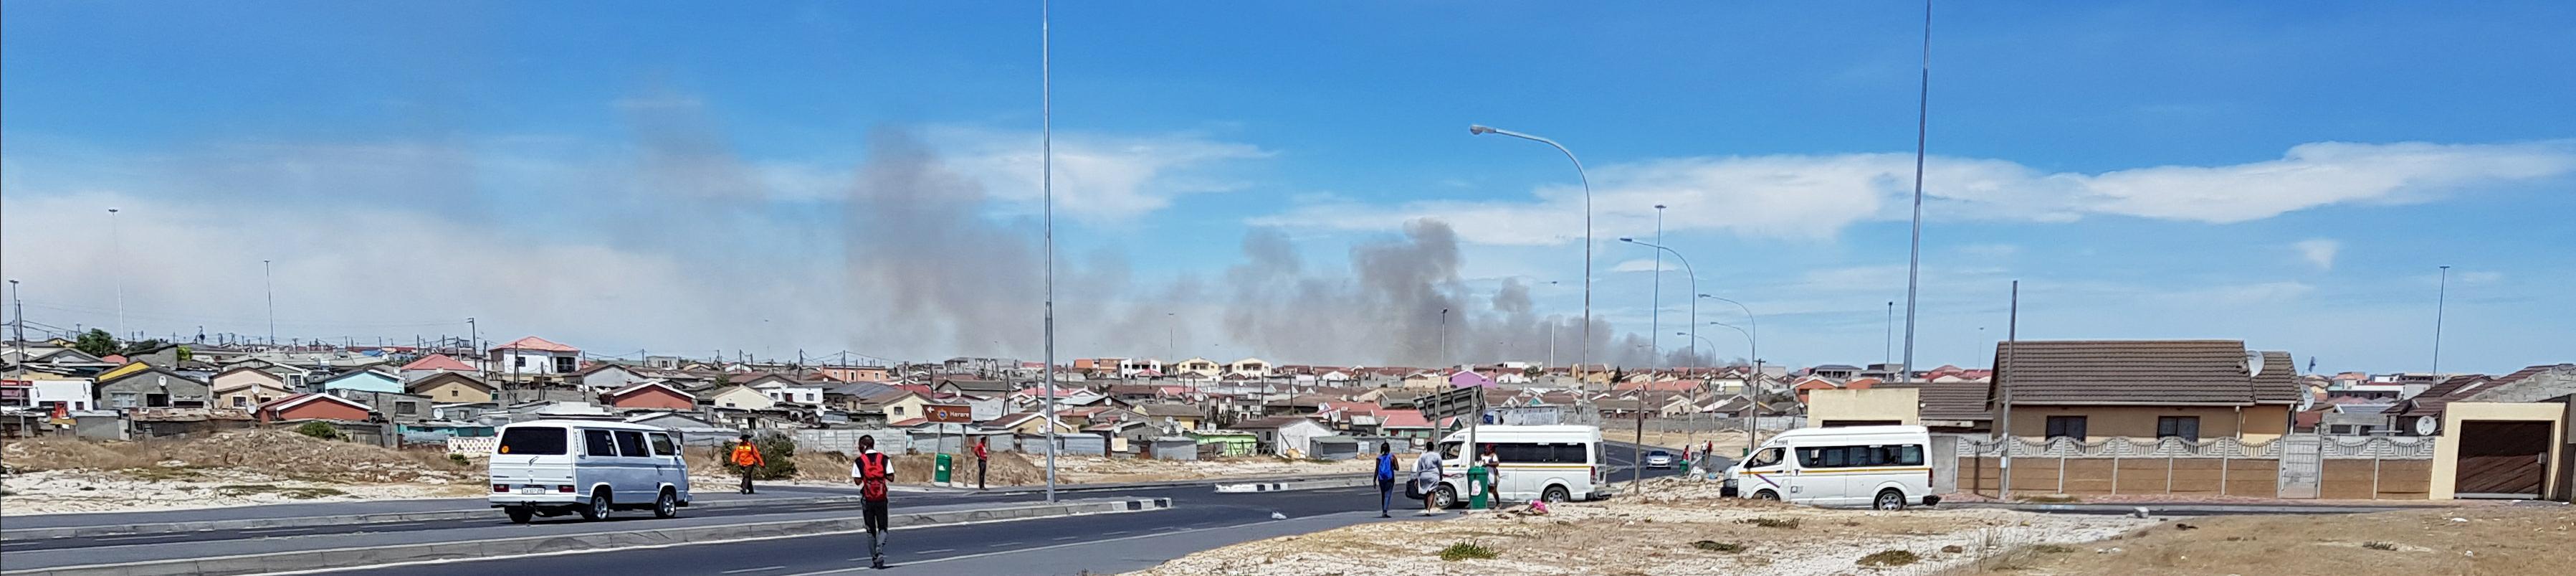 Our leased land slot in Khayelitsha